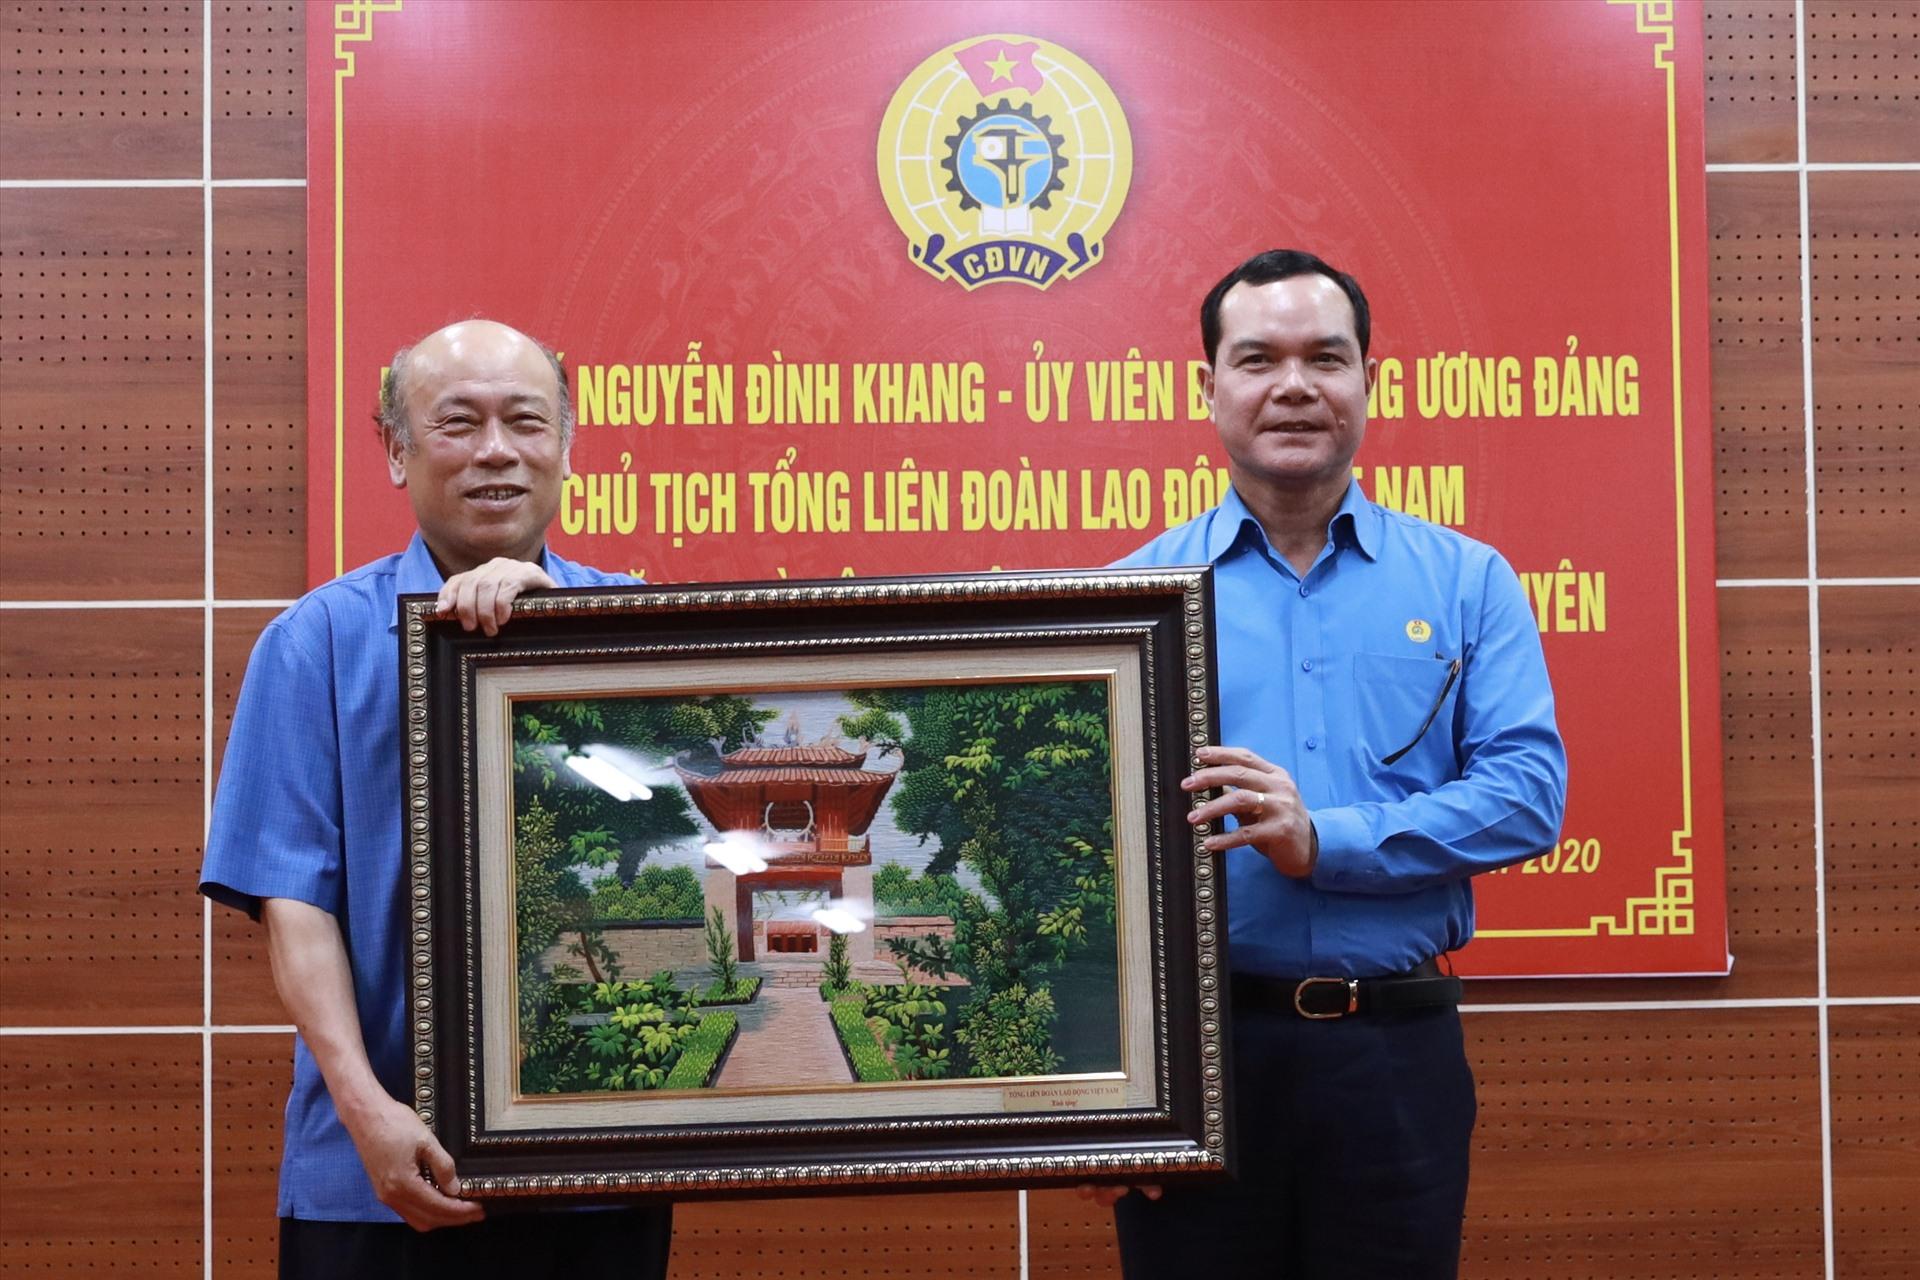 Đồng chí Nguyễn Đình Khang (bên phải) tặng quà lưu niệm của Tổng LĐLĐVN cho lãnh đạo Công ty CP Đầu tư và Thương mại TNG. Ảnh: Hải Nguyễn